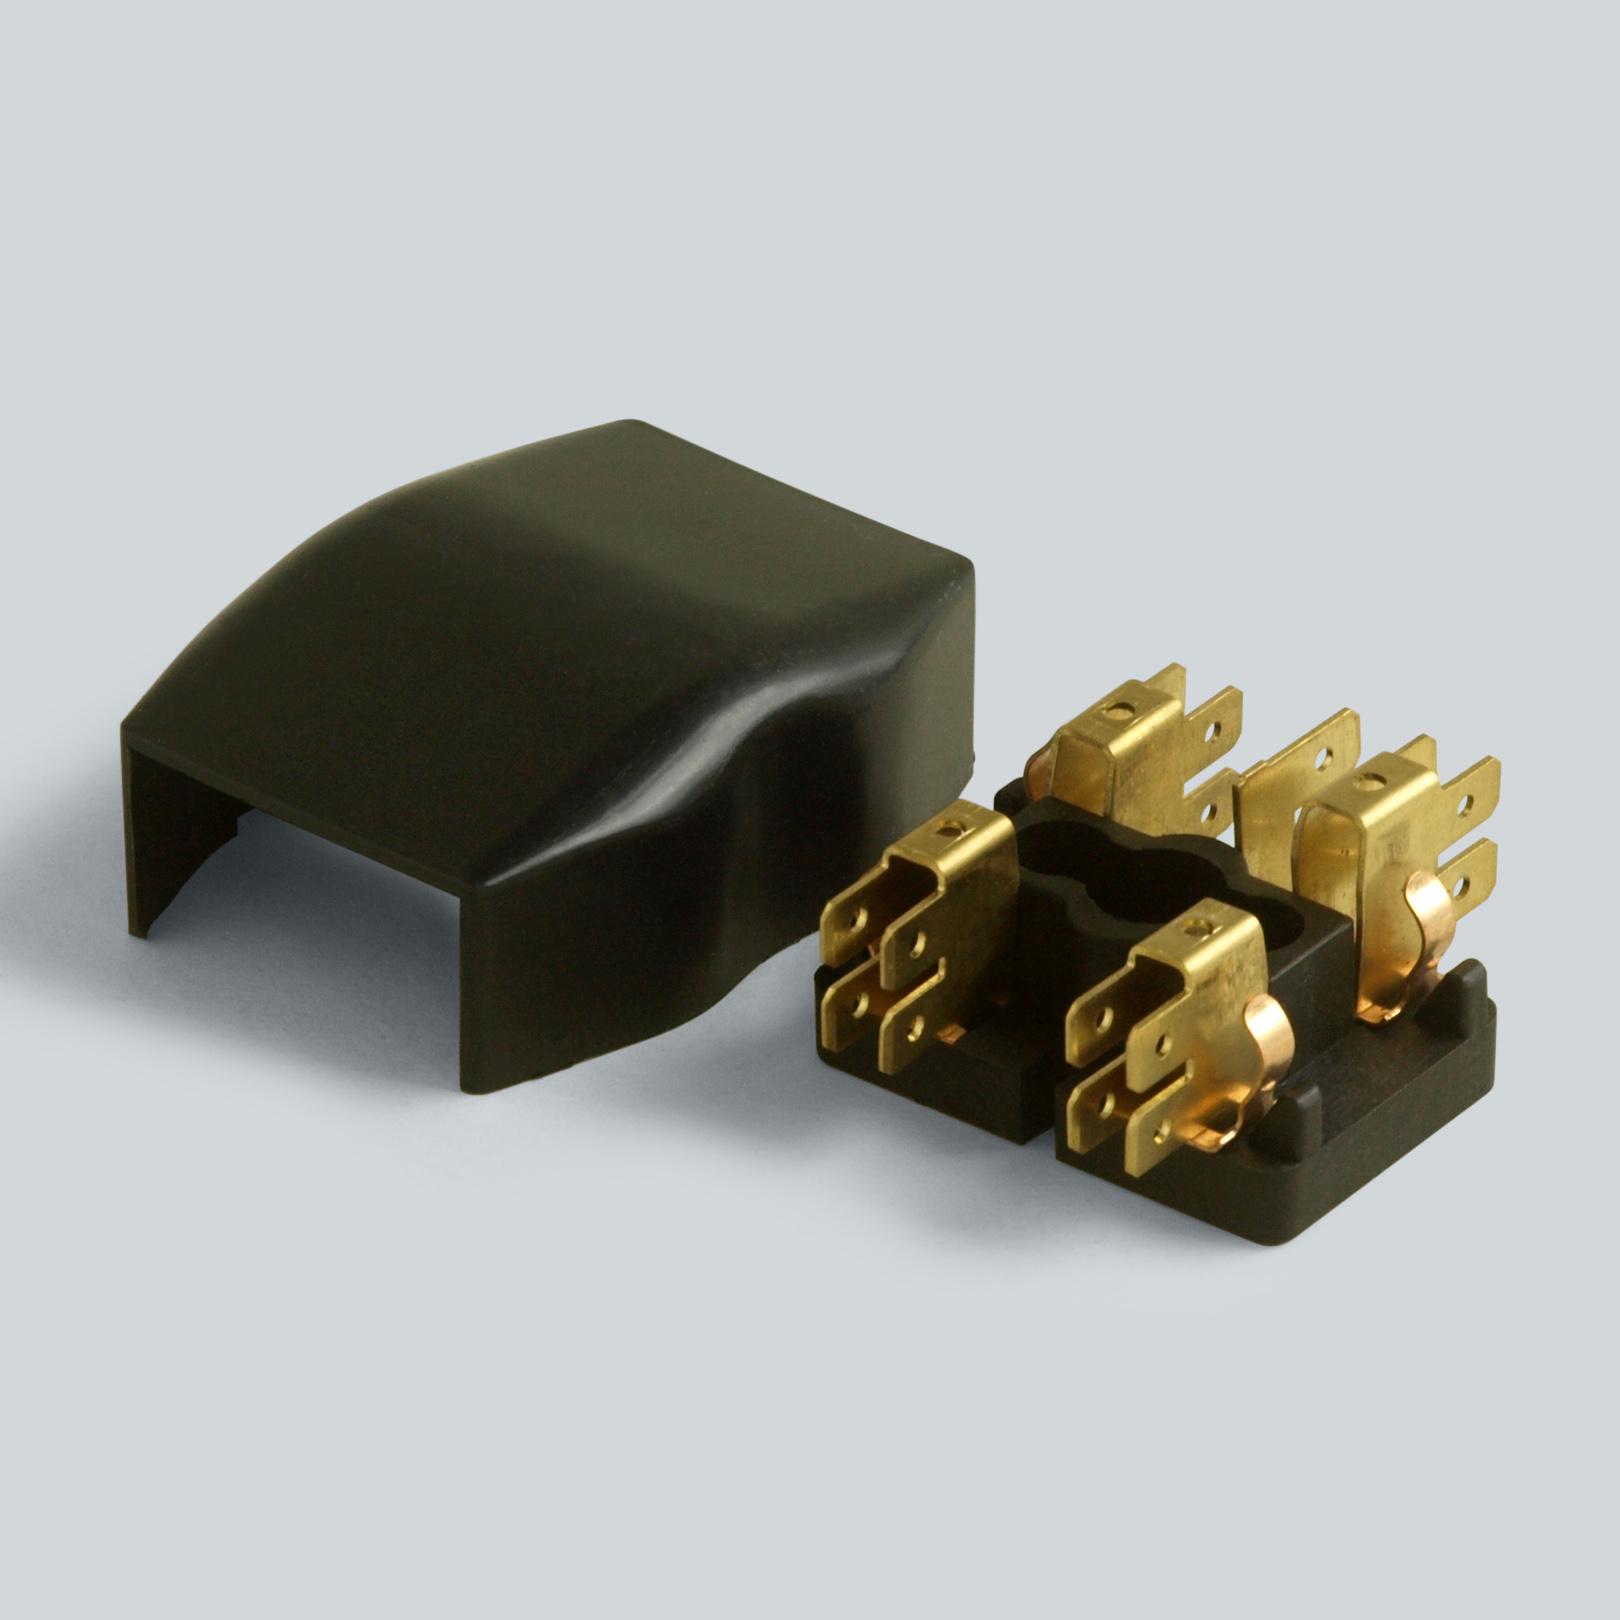 heinrici sicherungskasten f r zwei glassicherungen. Black Bedroom Furniture Sets. Home Design Ideas